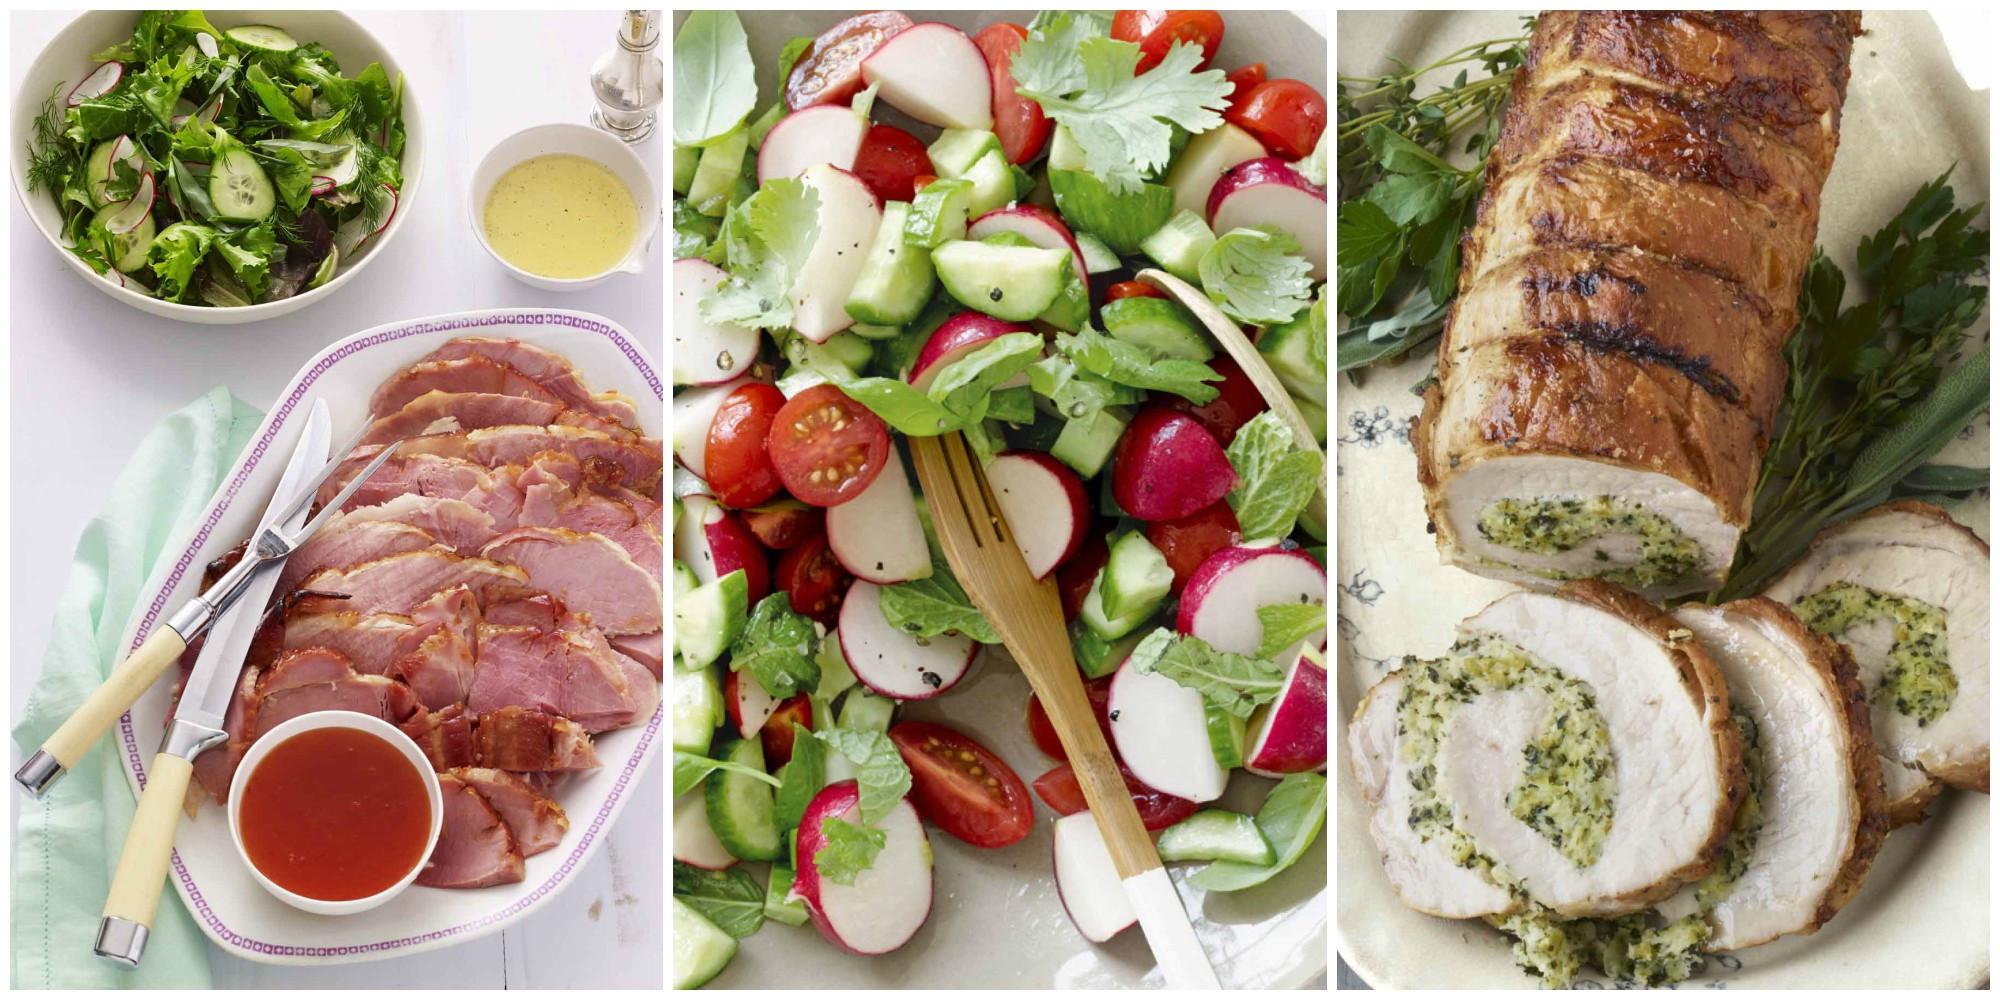 Best Easter Dinner Recipes  21 Easy Easter Dinner Ideas Recipes for the Best Easter